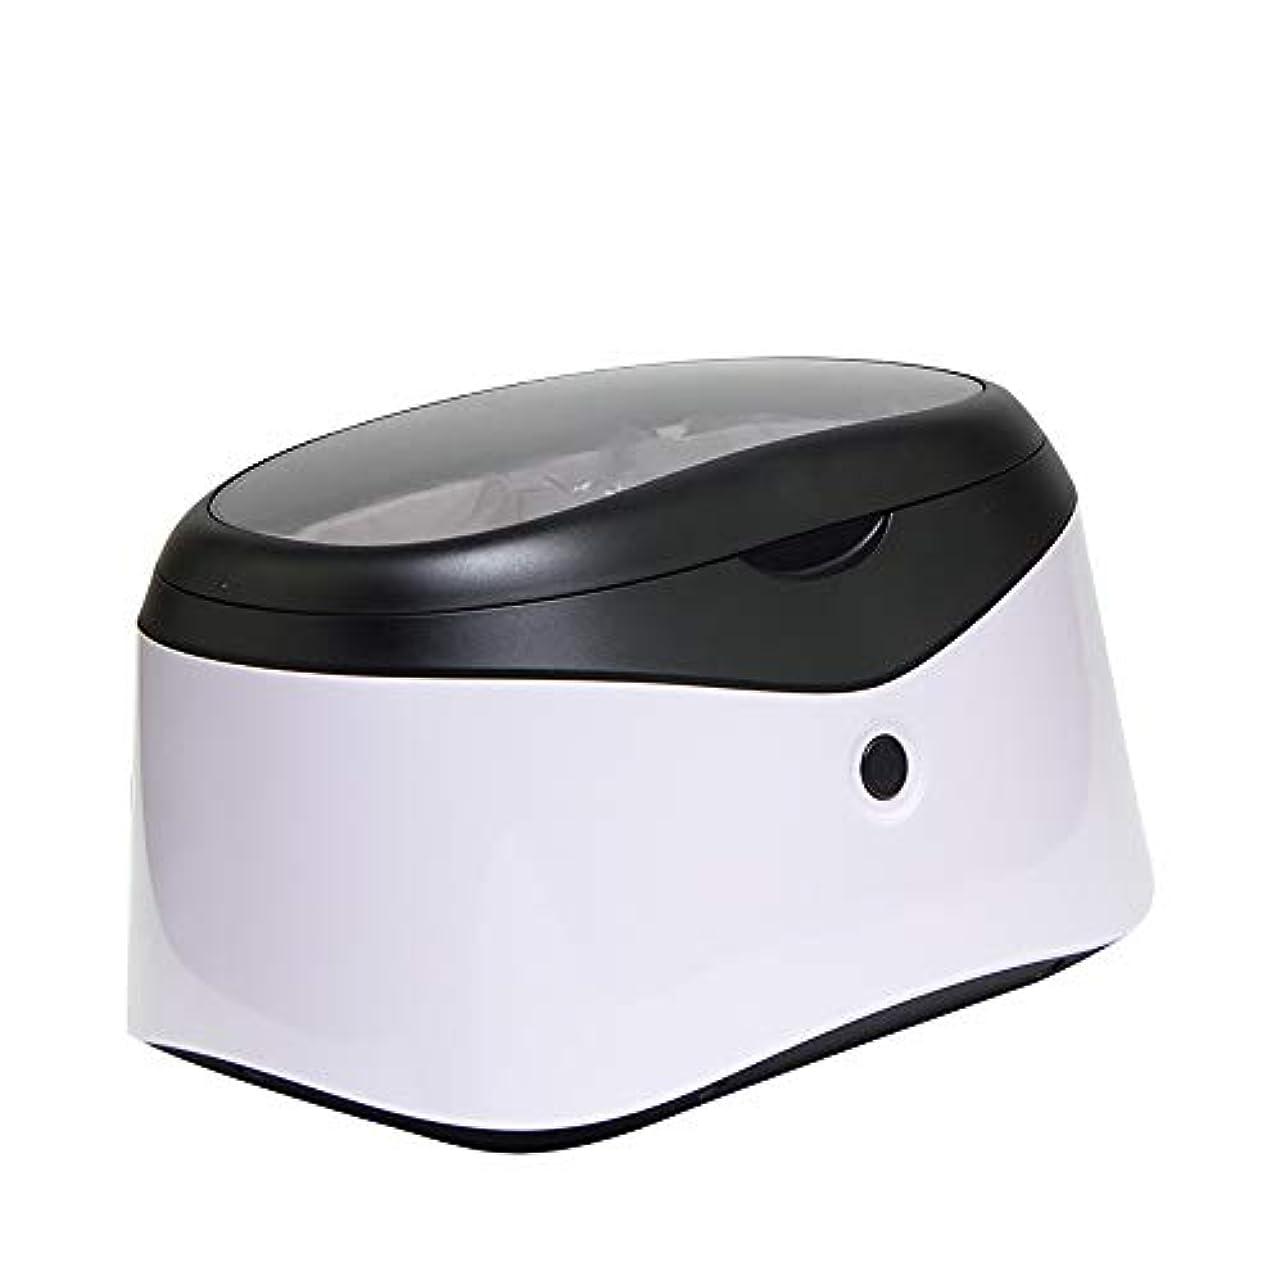 関連付けるグローブ上へ消毒機、超音波洗浄機2.5Lミニ超音波洗浄宝ネイルマシンの消毒洗浄アーティファクトを清掃